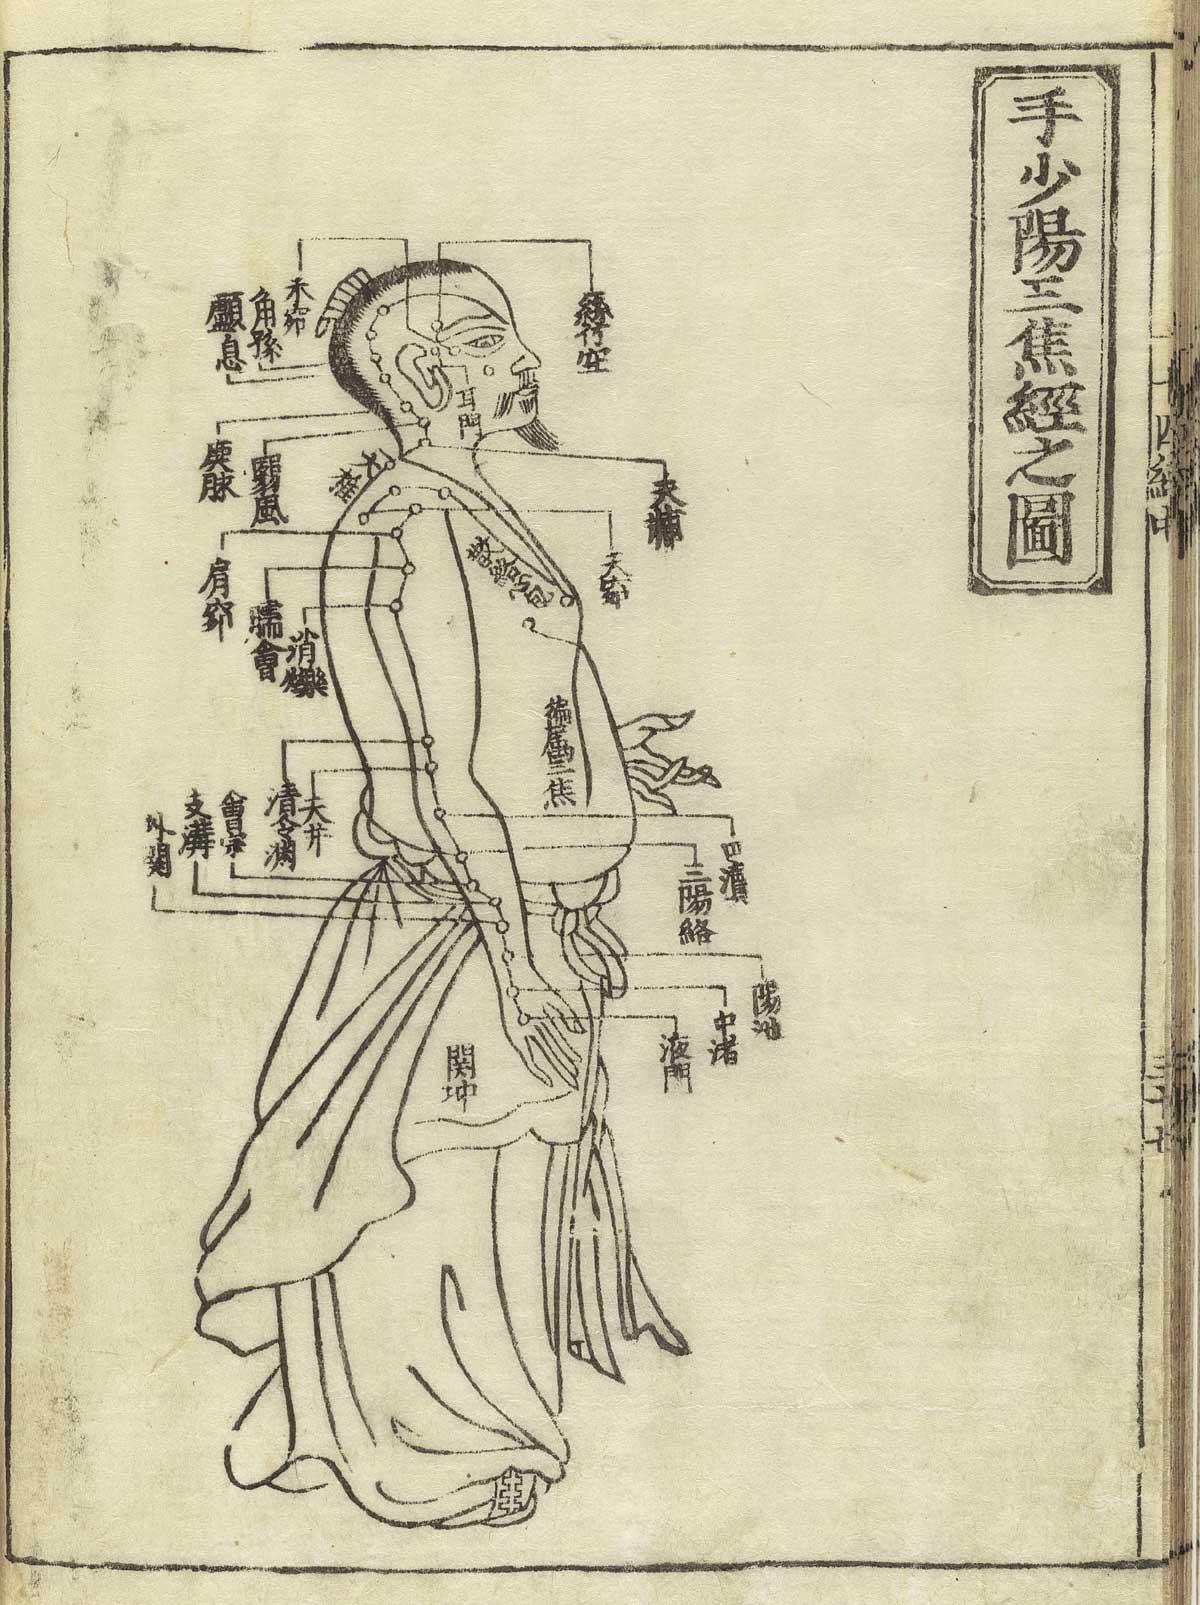 Il Fuoco E Femmina Iching Esagramma 30 L Aderente Il Fuoco I Ching E Numerologia Orientale